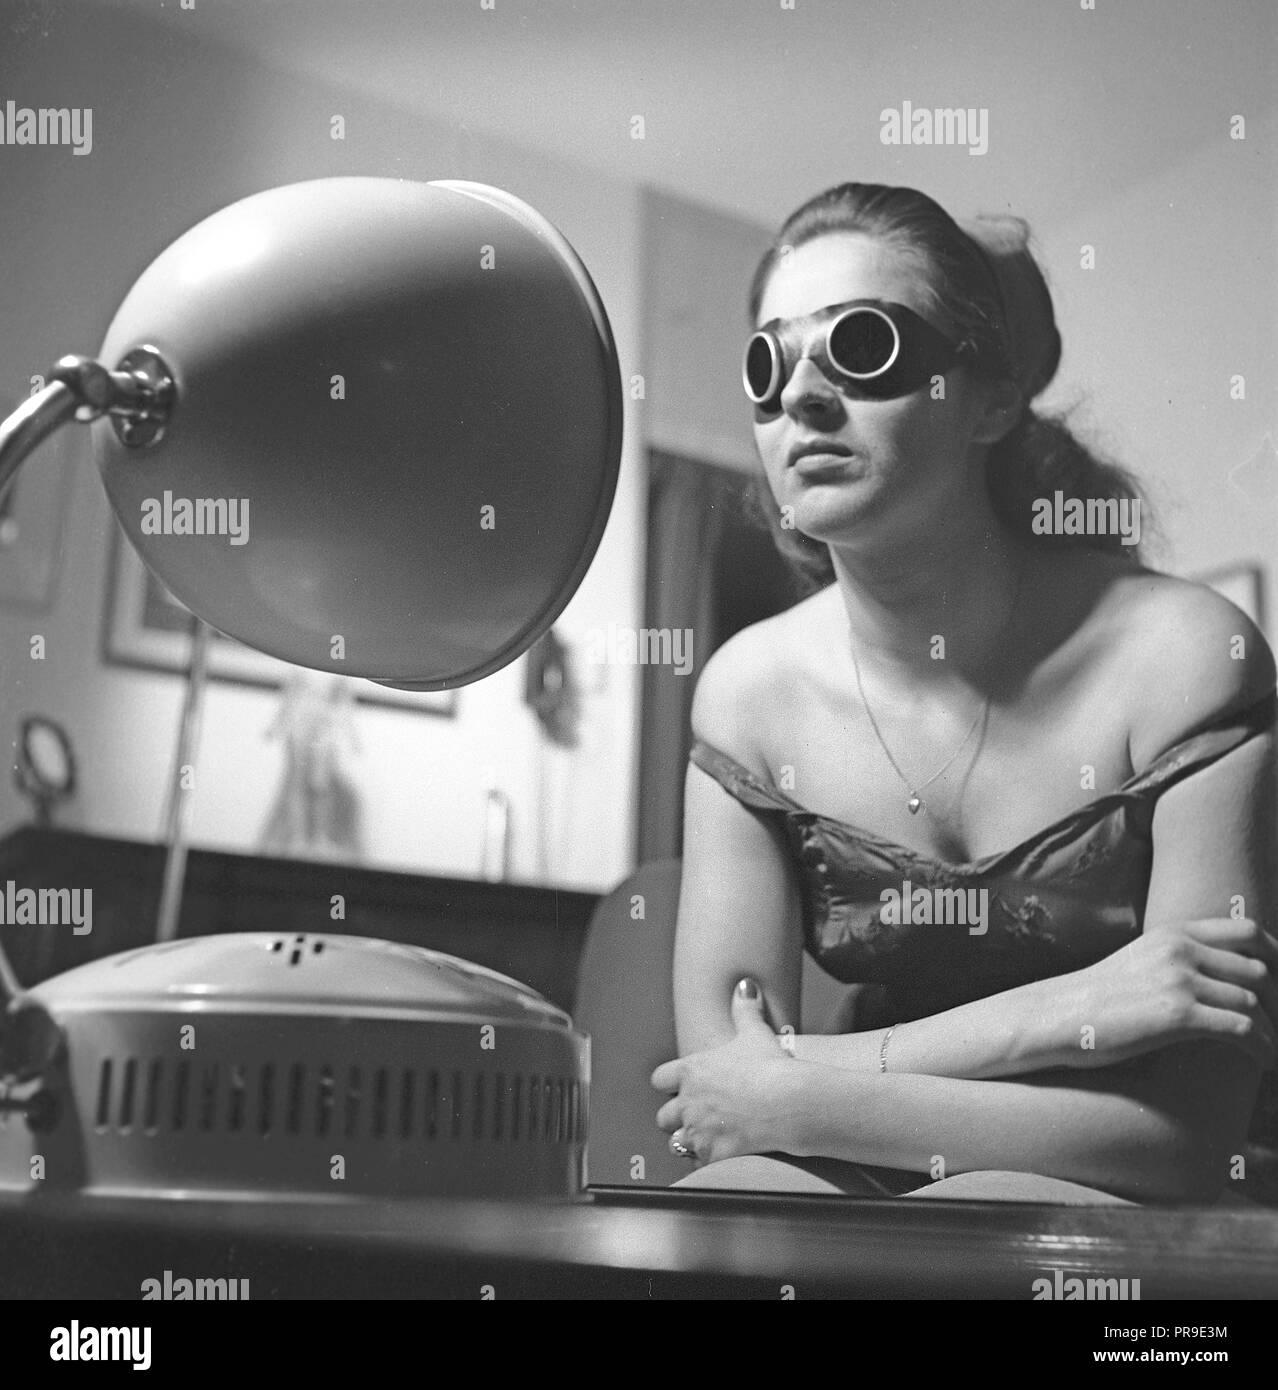 Beauty Care in den 1940er Jahren. Eine junge Frau wird ein Sonnenbad vor der Höhensonne. Das künstliche Sonnenlicht aus dem Hause bräunen Ausrüstungen wie diese höhensonne Bräunen gab und war manchmal zur Behandlung von Krankheiten. Würden Sie schützenden Sonnenbrille zu tragen, als es zu benutzen. Schweden 1940. Foto Kristoffersson Y 81-3 Stockbild